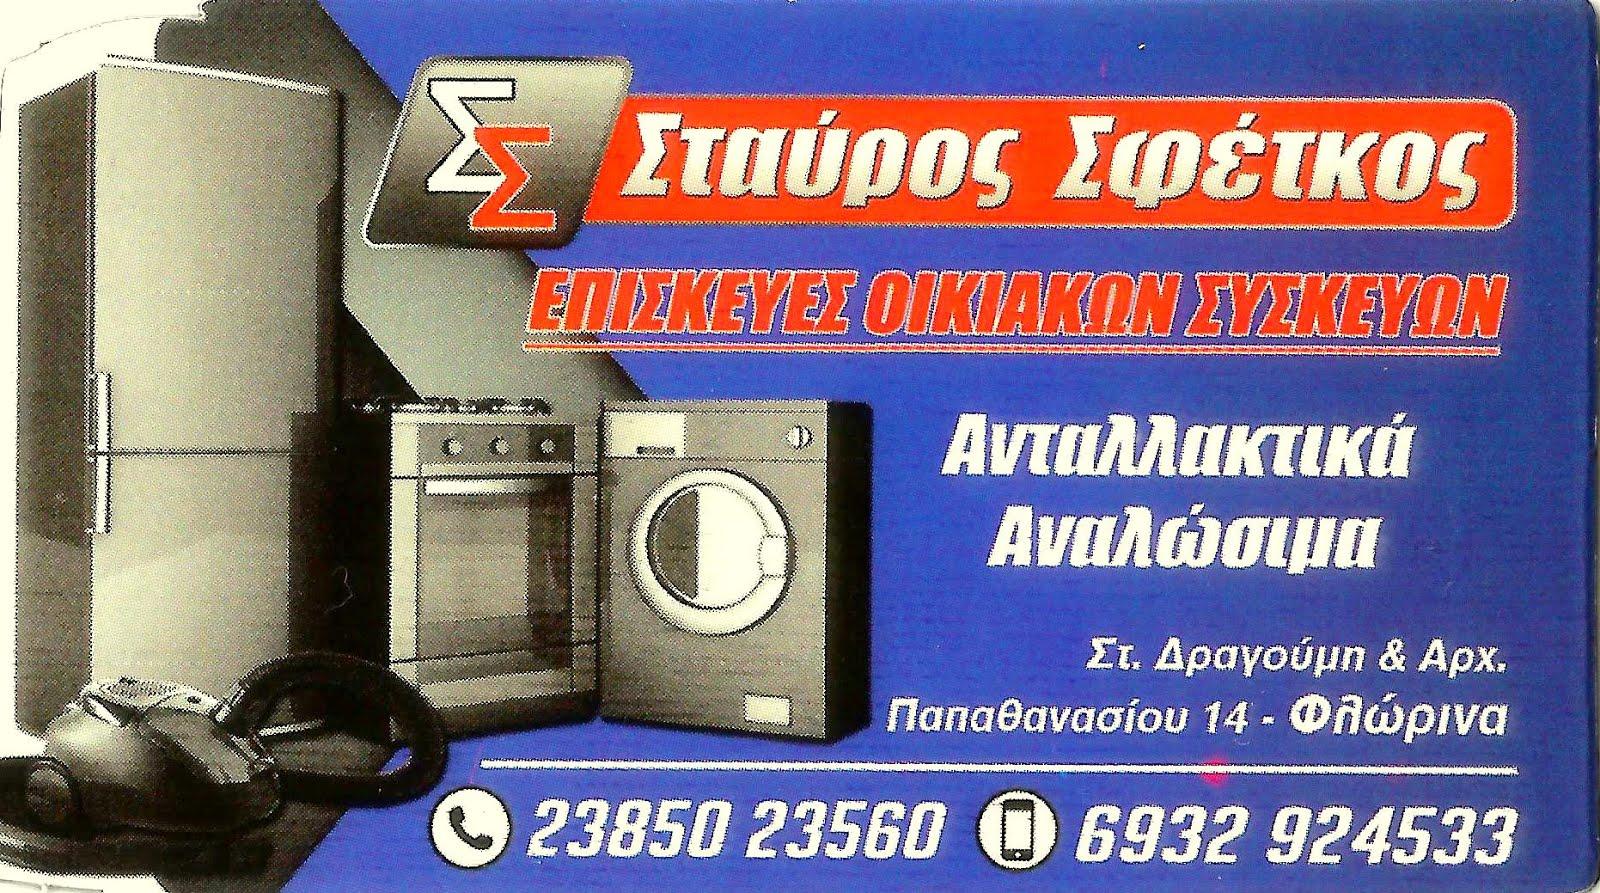 ΣΤΑΥΡΟΣ ΣΦΕΤΚΟΣ